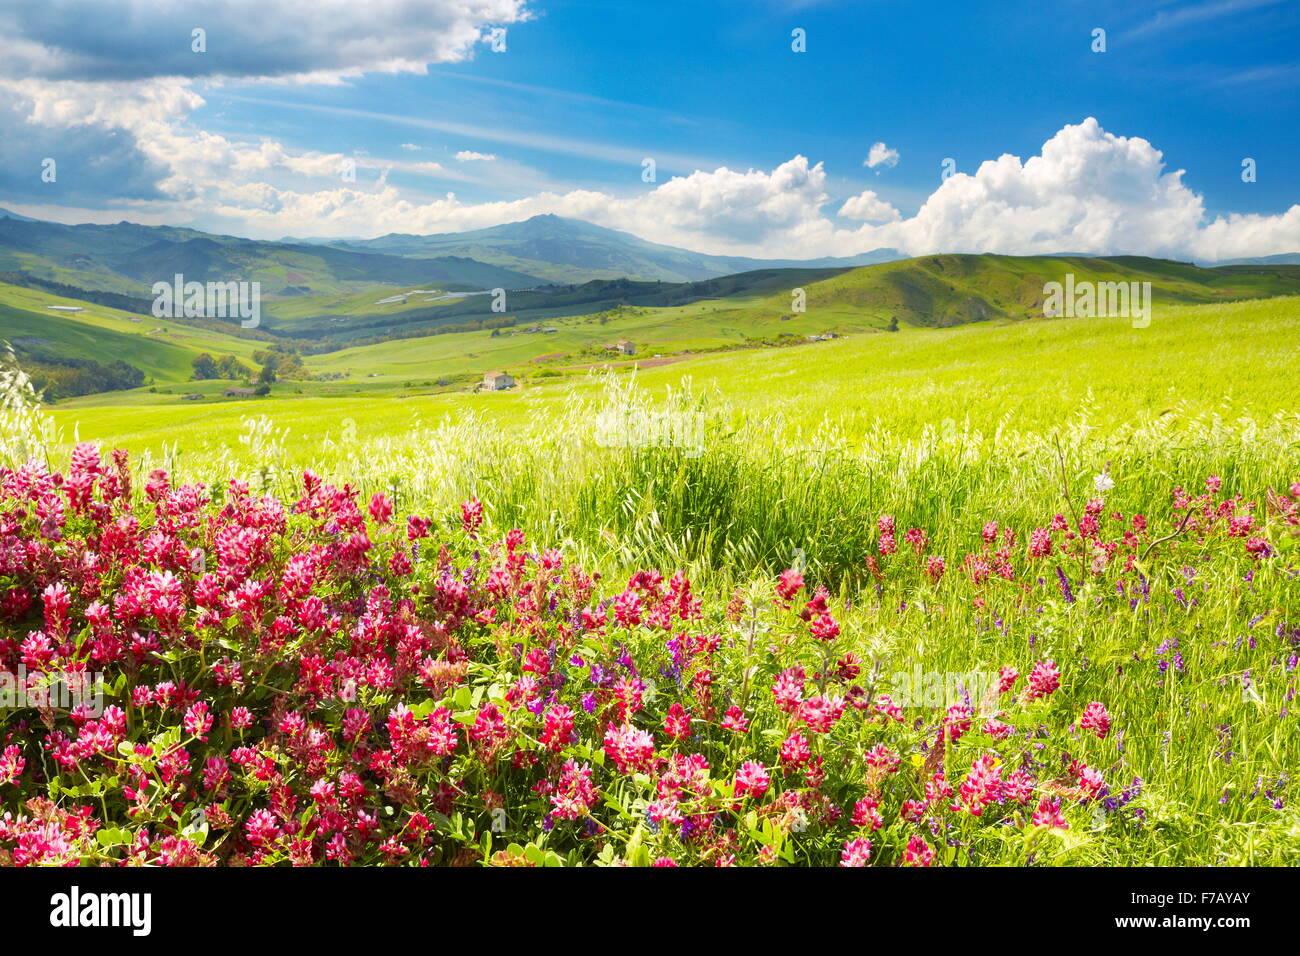 Sicile printemps Paysage de prairie de fleurs, l'île de Sicile, Italie Photo Stock